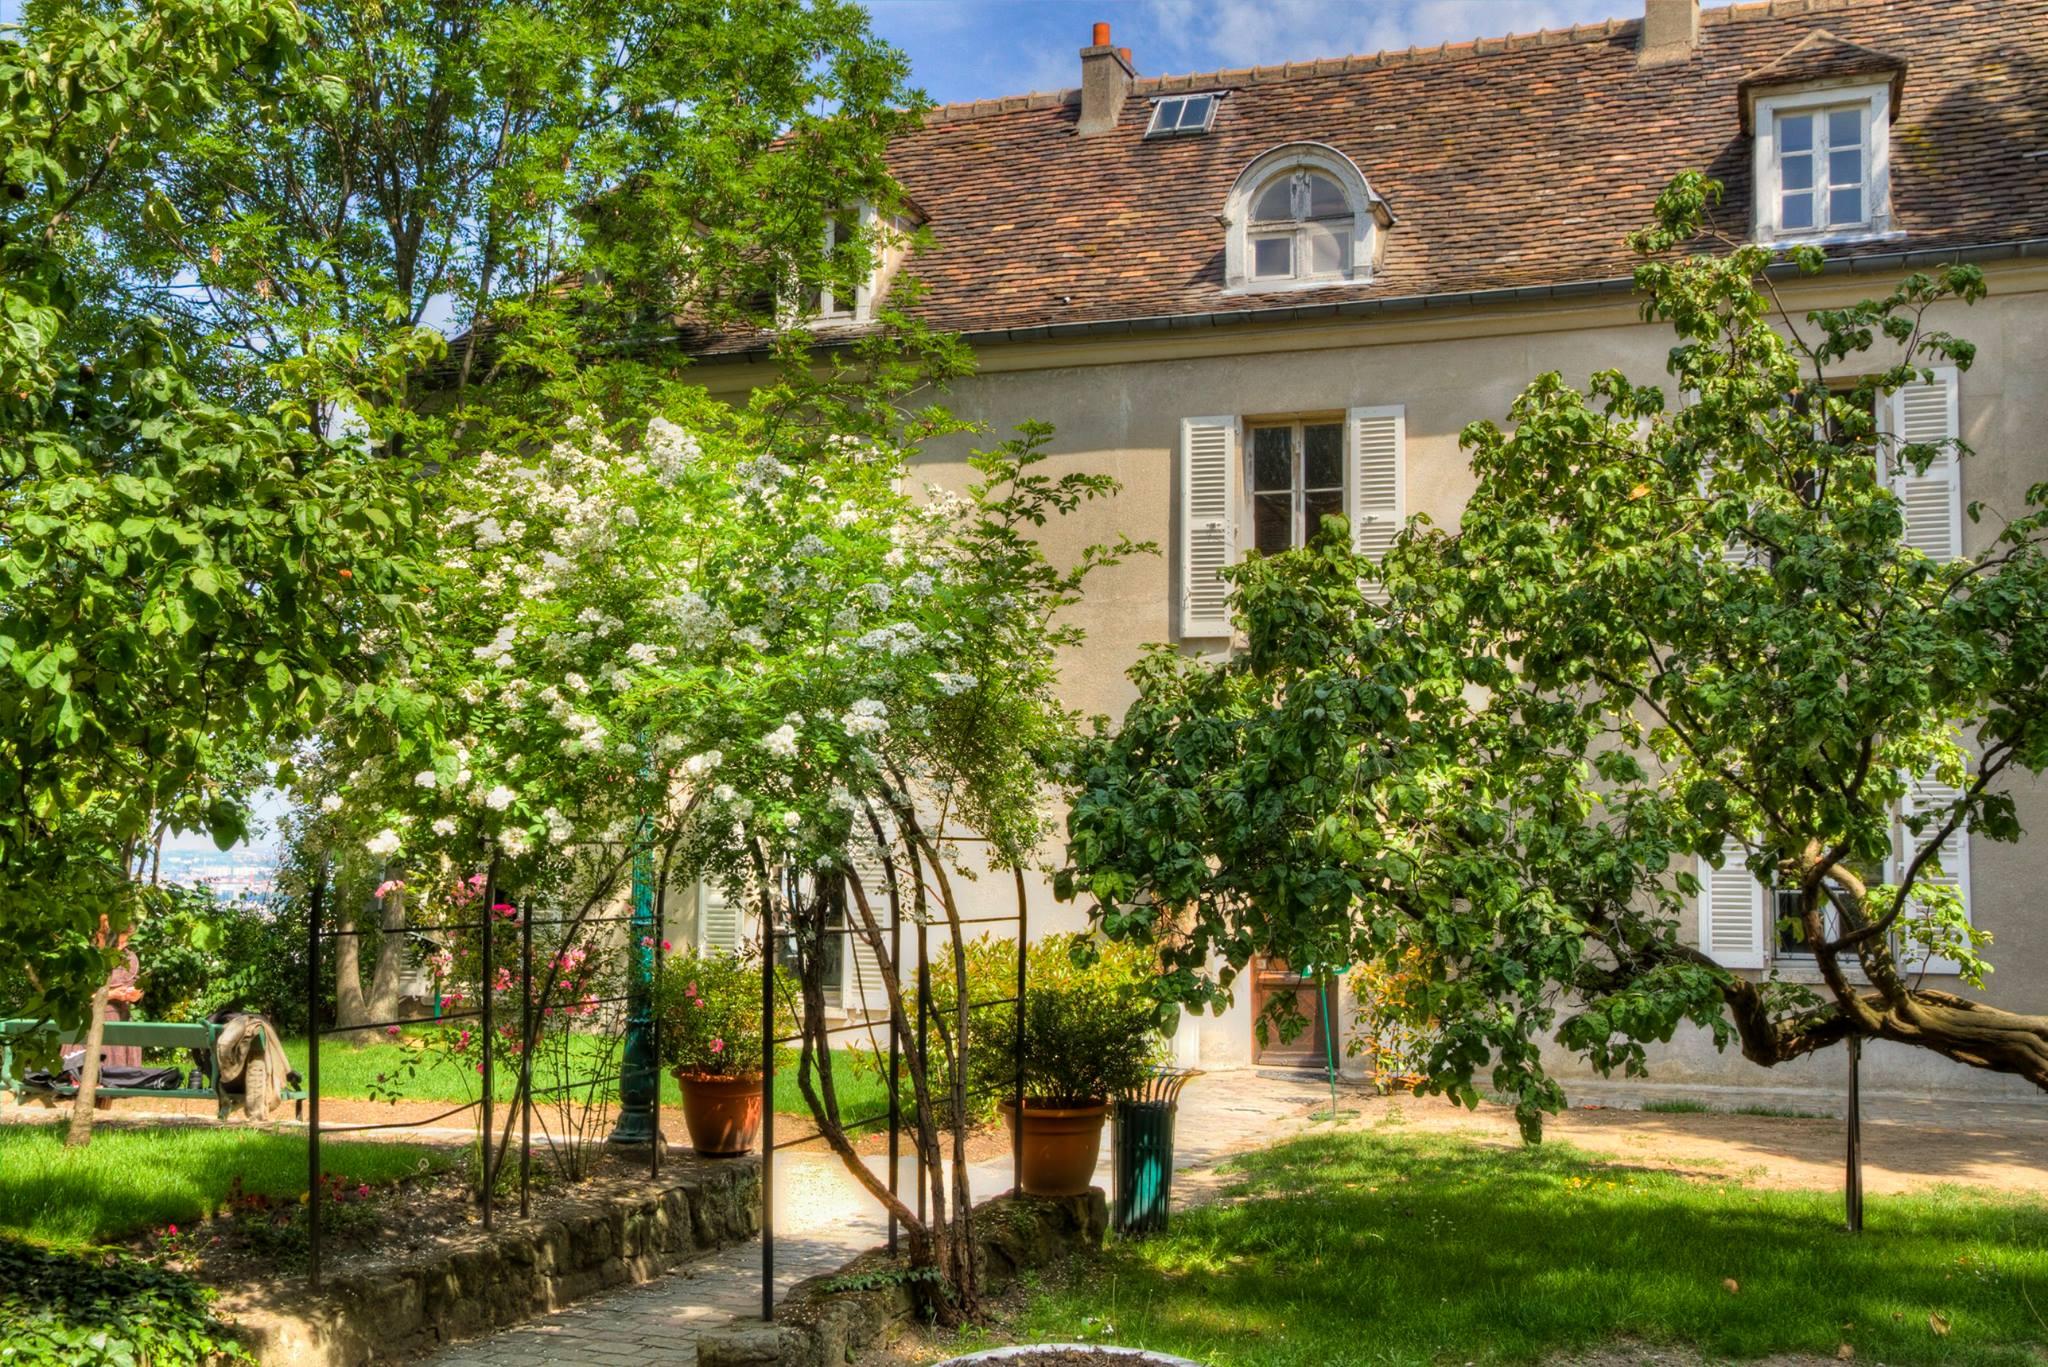 Maison de charme paris maison de caractre 25 km au sudest for Chambre de charme paris